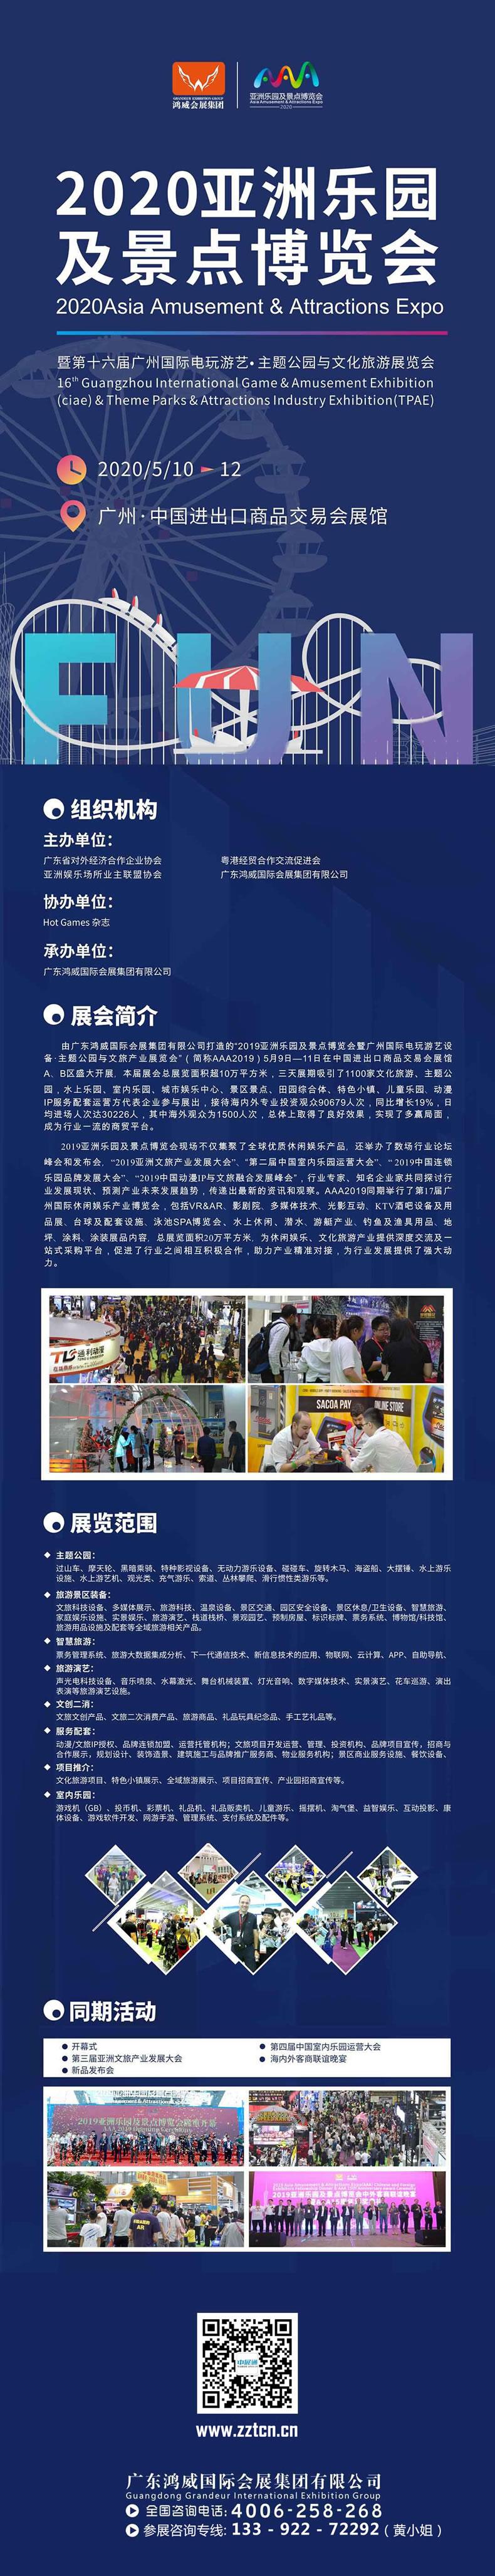 2020亚洲乐园及景点博览会-海报.jpg